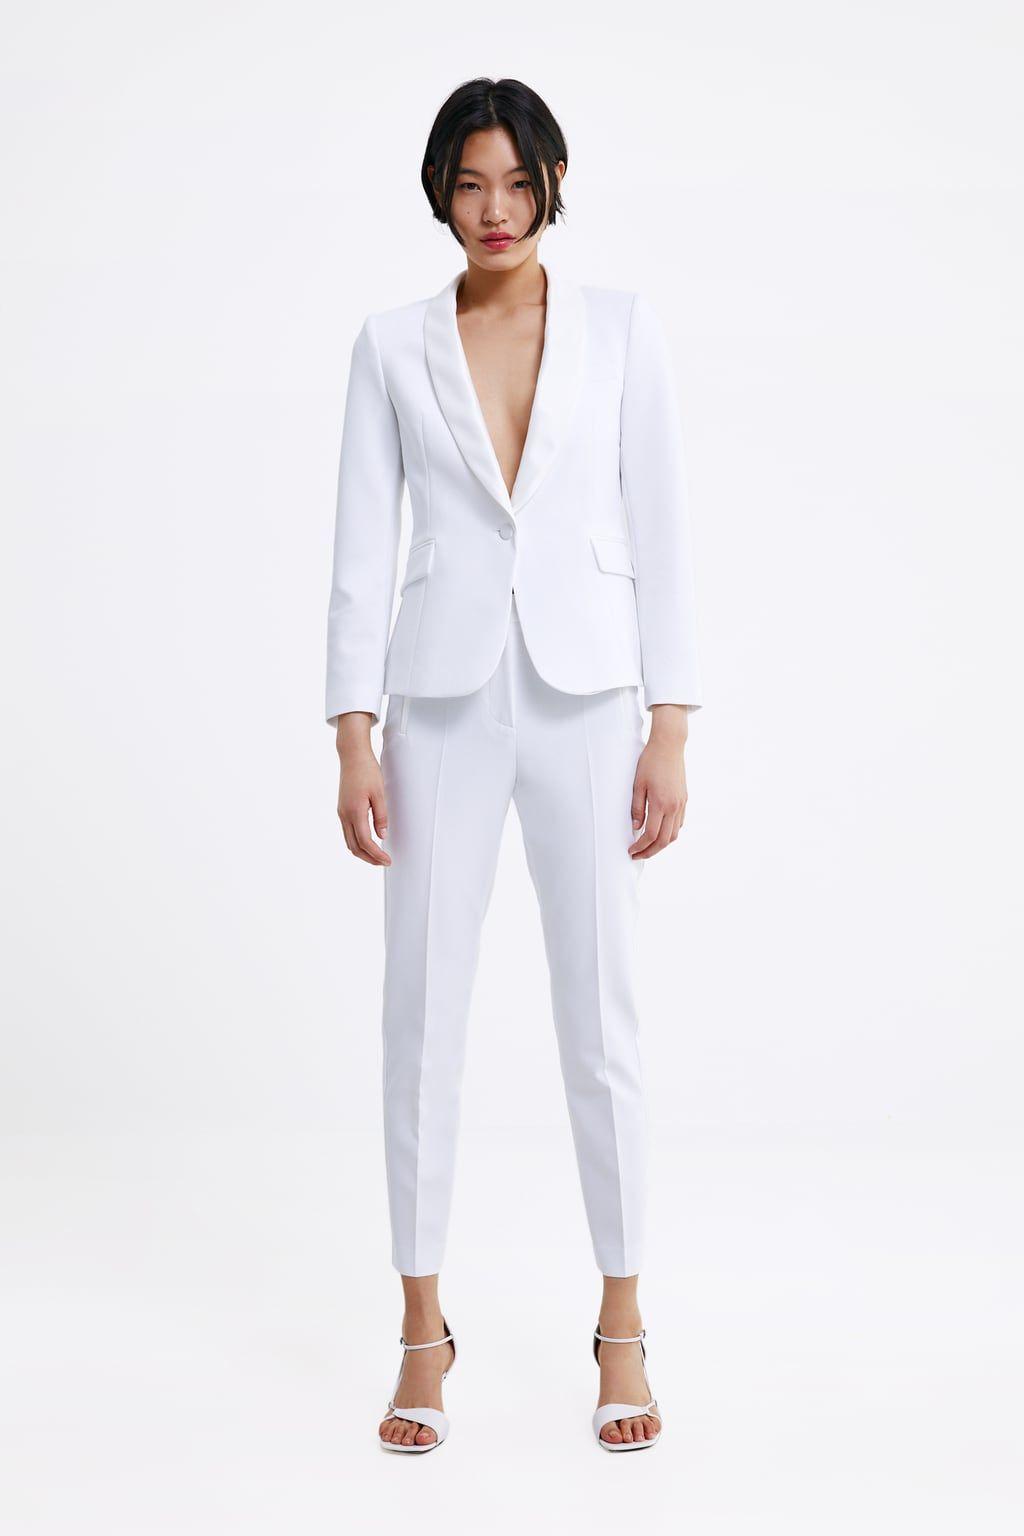 Moda Zara Blanco Tiene Traje El Pone De Carbonero Sara Y AR5L34jq